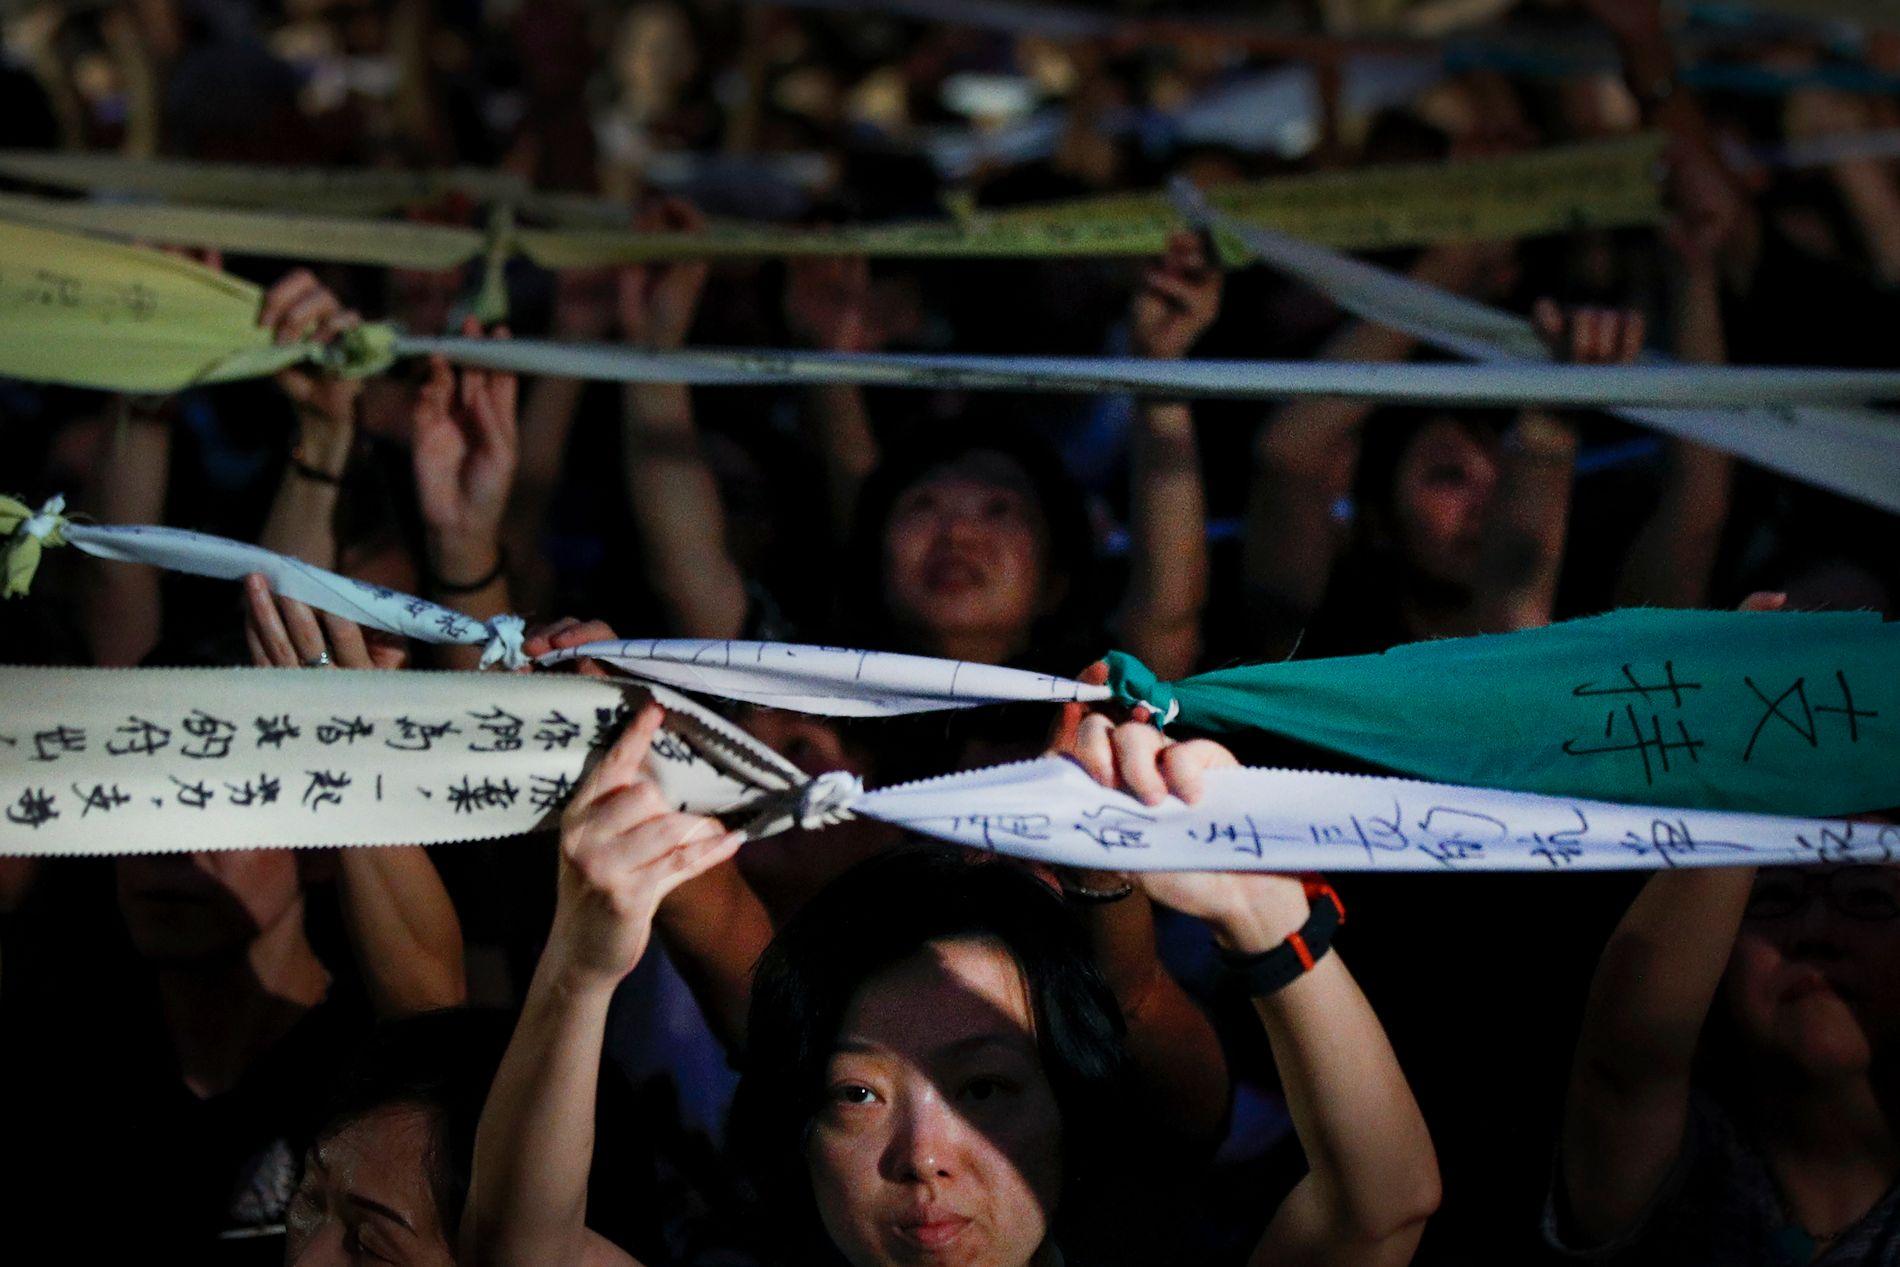 STOR MOTSTAND: Fredag arrangerte flere mødre en støttemarkering for de protesterende studentene i Hongkong.